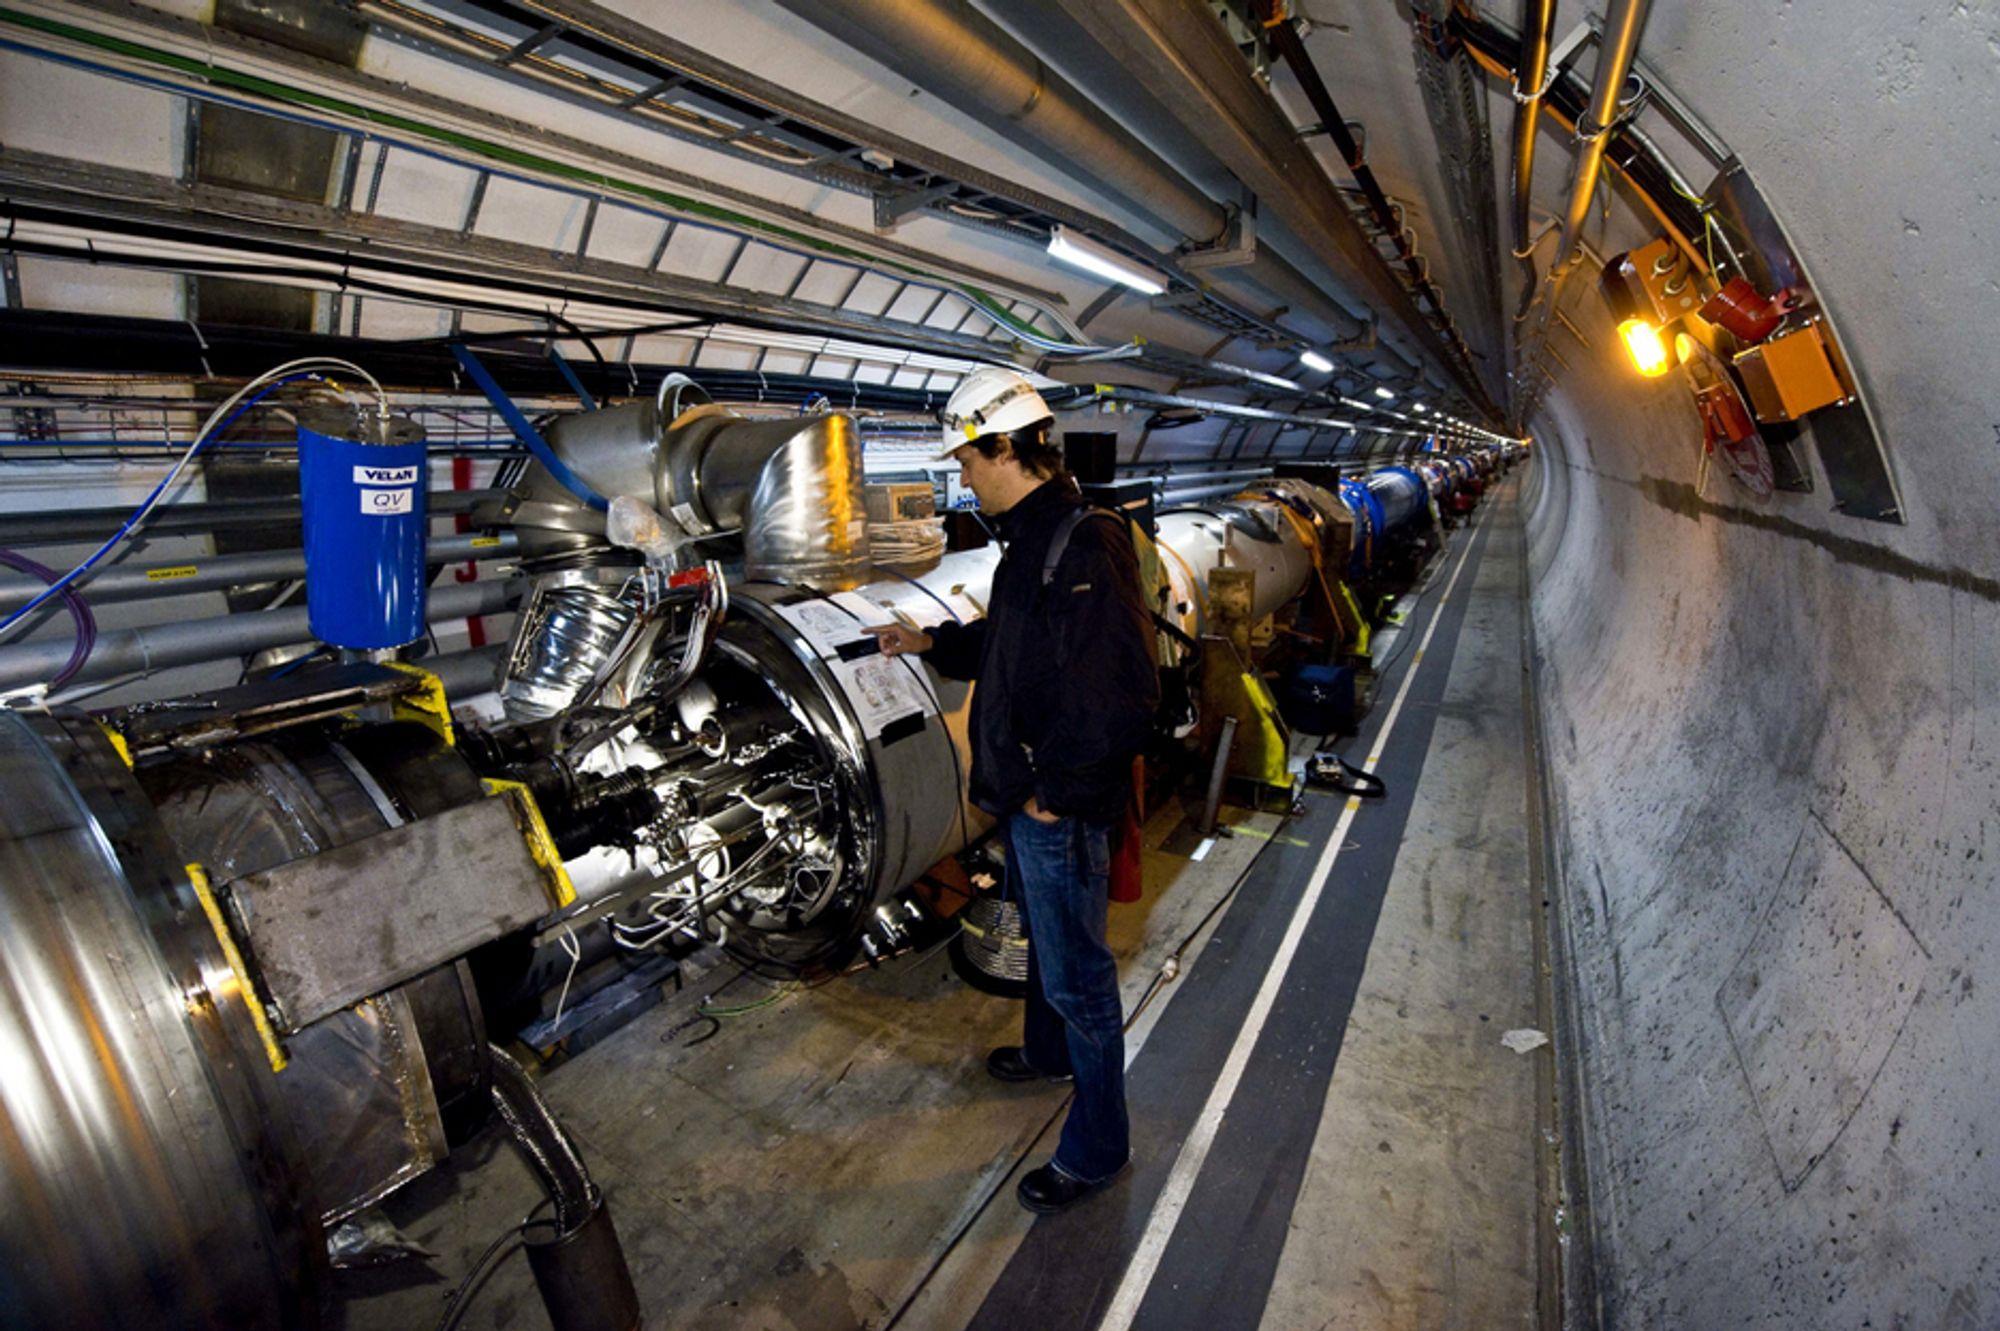 Gjenoppstarten av partikkelakseleratoren Large Hadron Collider er utsatt på ny  - denne gang til november.